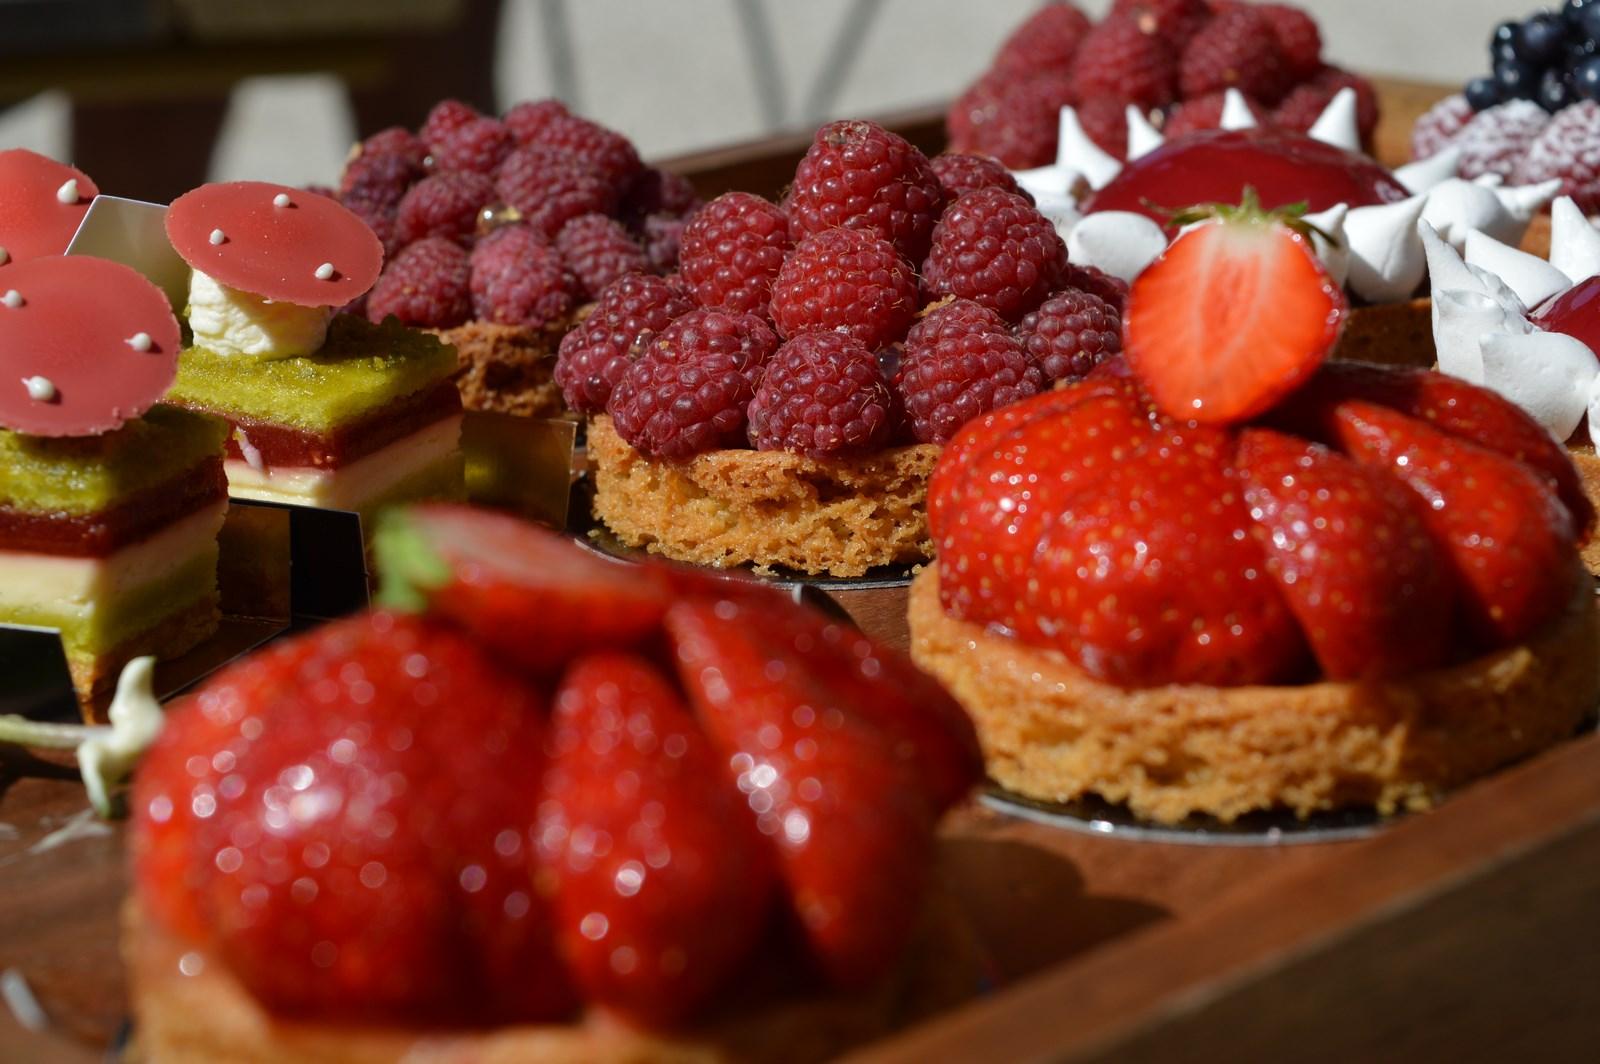 Des desserts aux fruits rouges